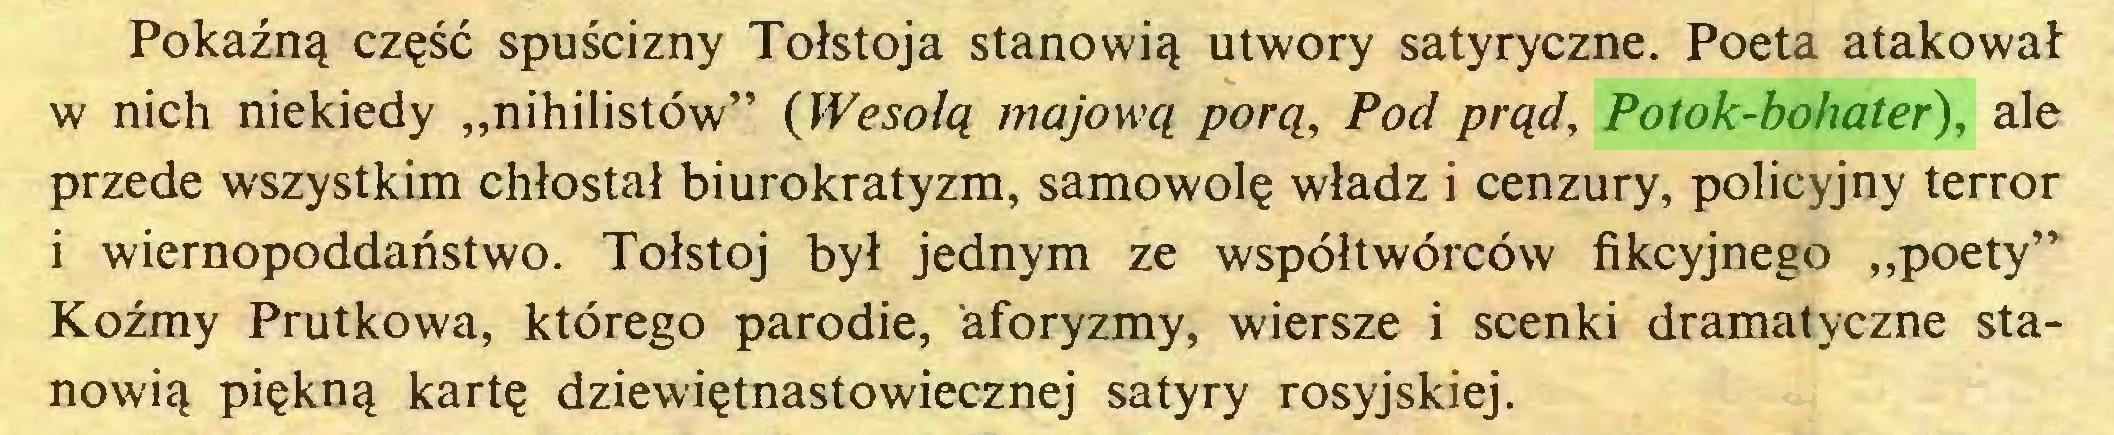 """(...) Pokaźną część spuścizny Tołstoja stanowią utwory satyryczne. Poeta atakował w nich niekiedy """"nihilistów"""" (Wesołą majową porą, Pod prąd, Potok-bohater), ale przede wszystkim chłostał biurokratyzm, samowolę władz i cenzury, policyjny terror i wiernopoddaństwo. Tołstoj był jednym ze współtwórców fikcyjnego """"poety"""" Koźmy Prutkowa, którego parodie, aforyzmy, wiersze i scenki dramatyczne stanowią piękną kartę dziewiętnastowiecznej satyry rosyjskiej..."""